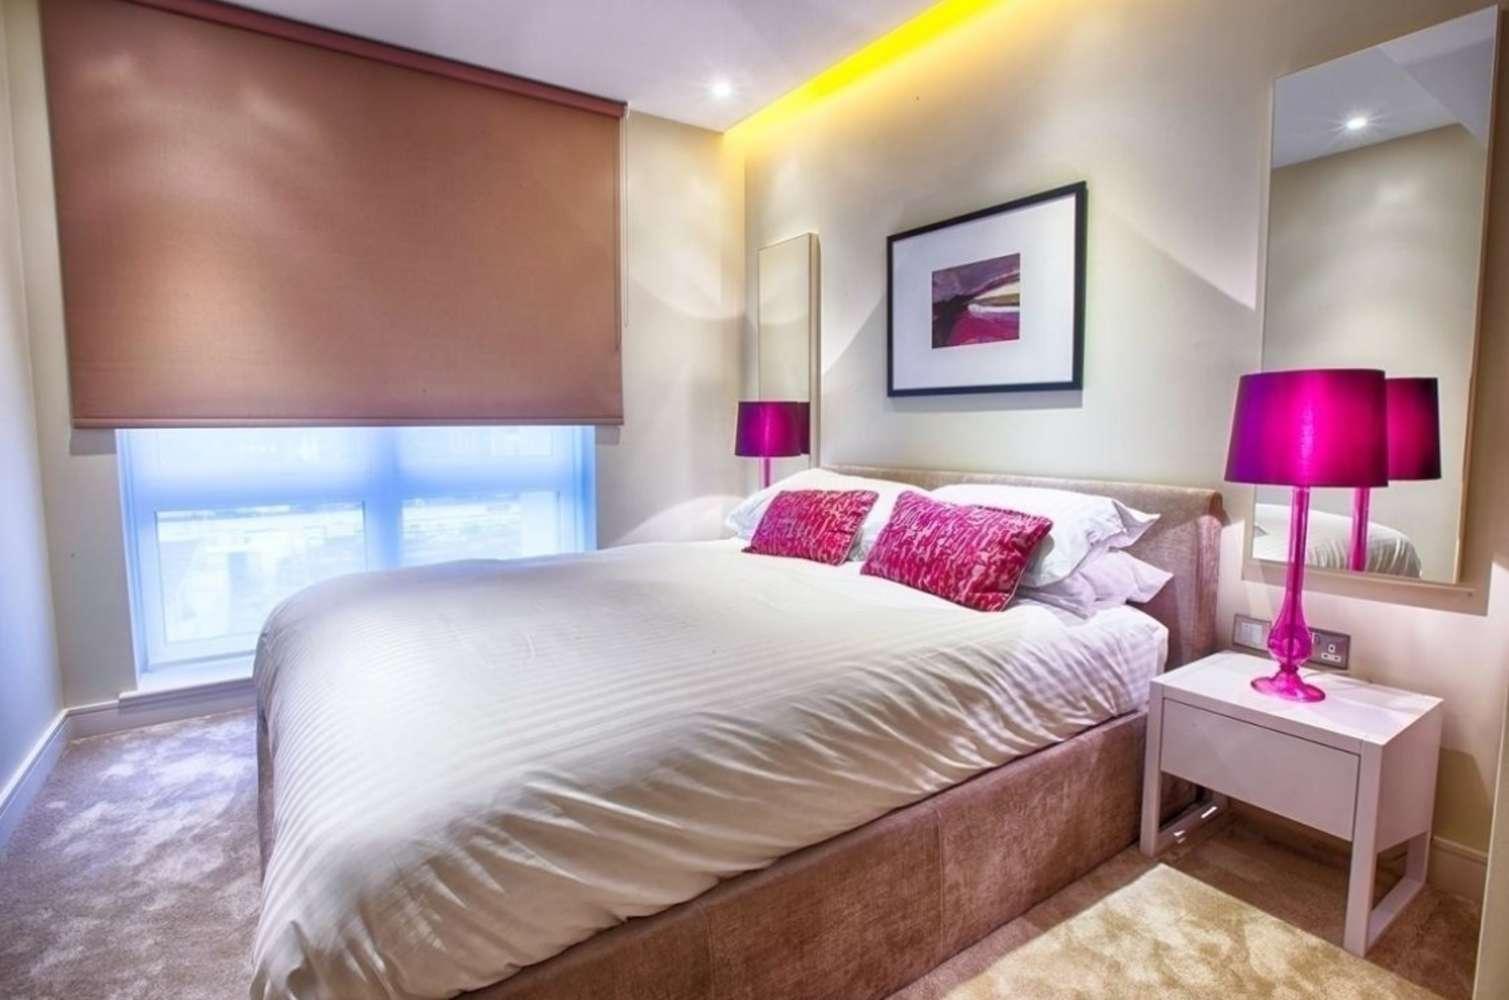 Apartment London, W6 - Parr's Way London W6 - 01